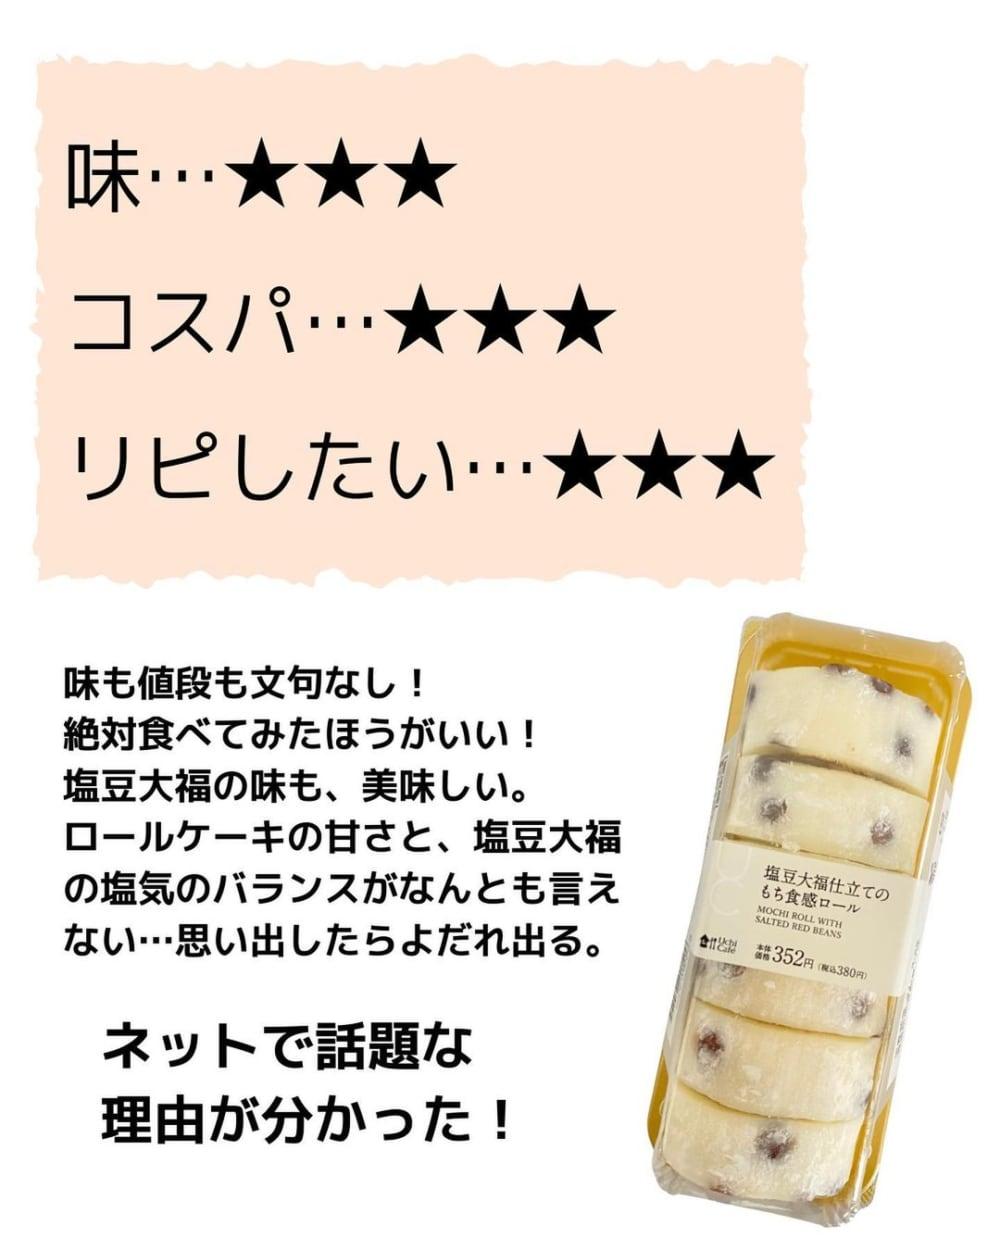 ローソンの塩豆大福仕立てのもち食感ロールのパッケージ写真